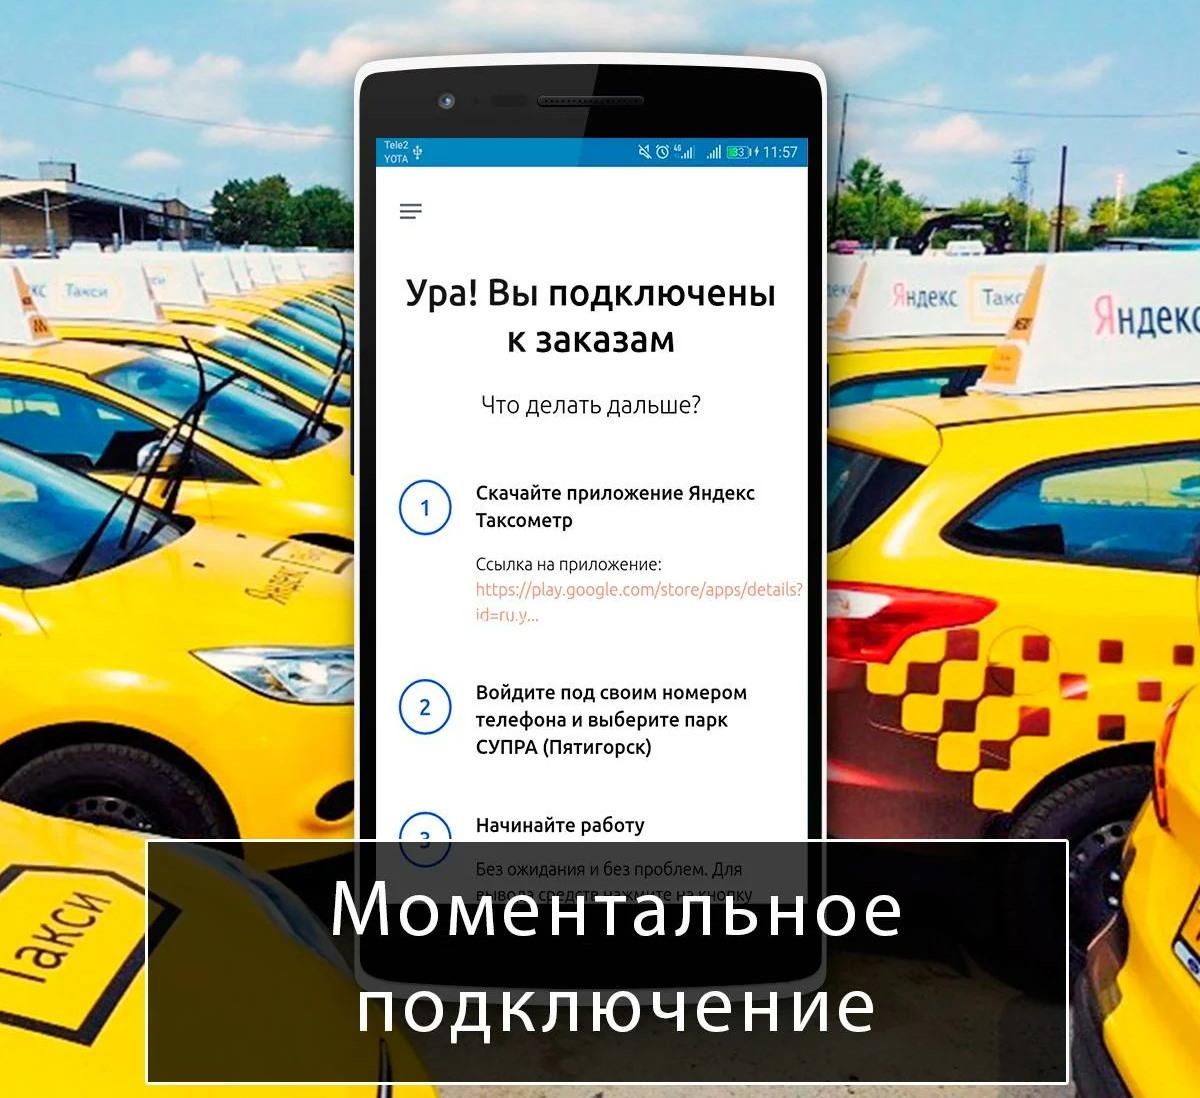 Подключение к «Яндекс.Такси»